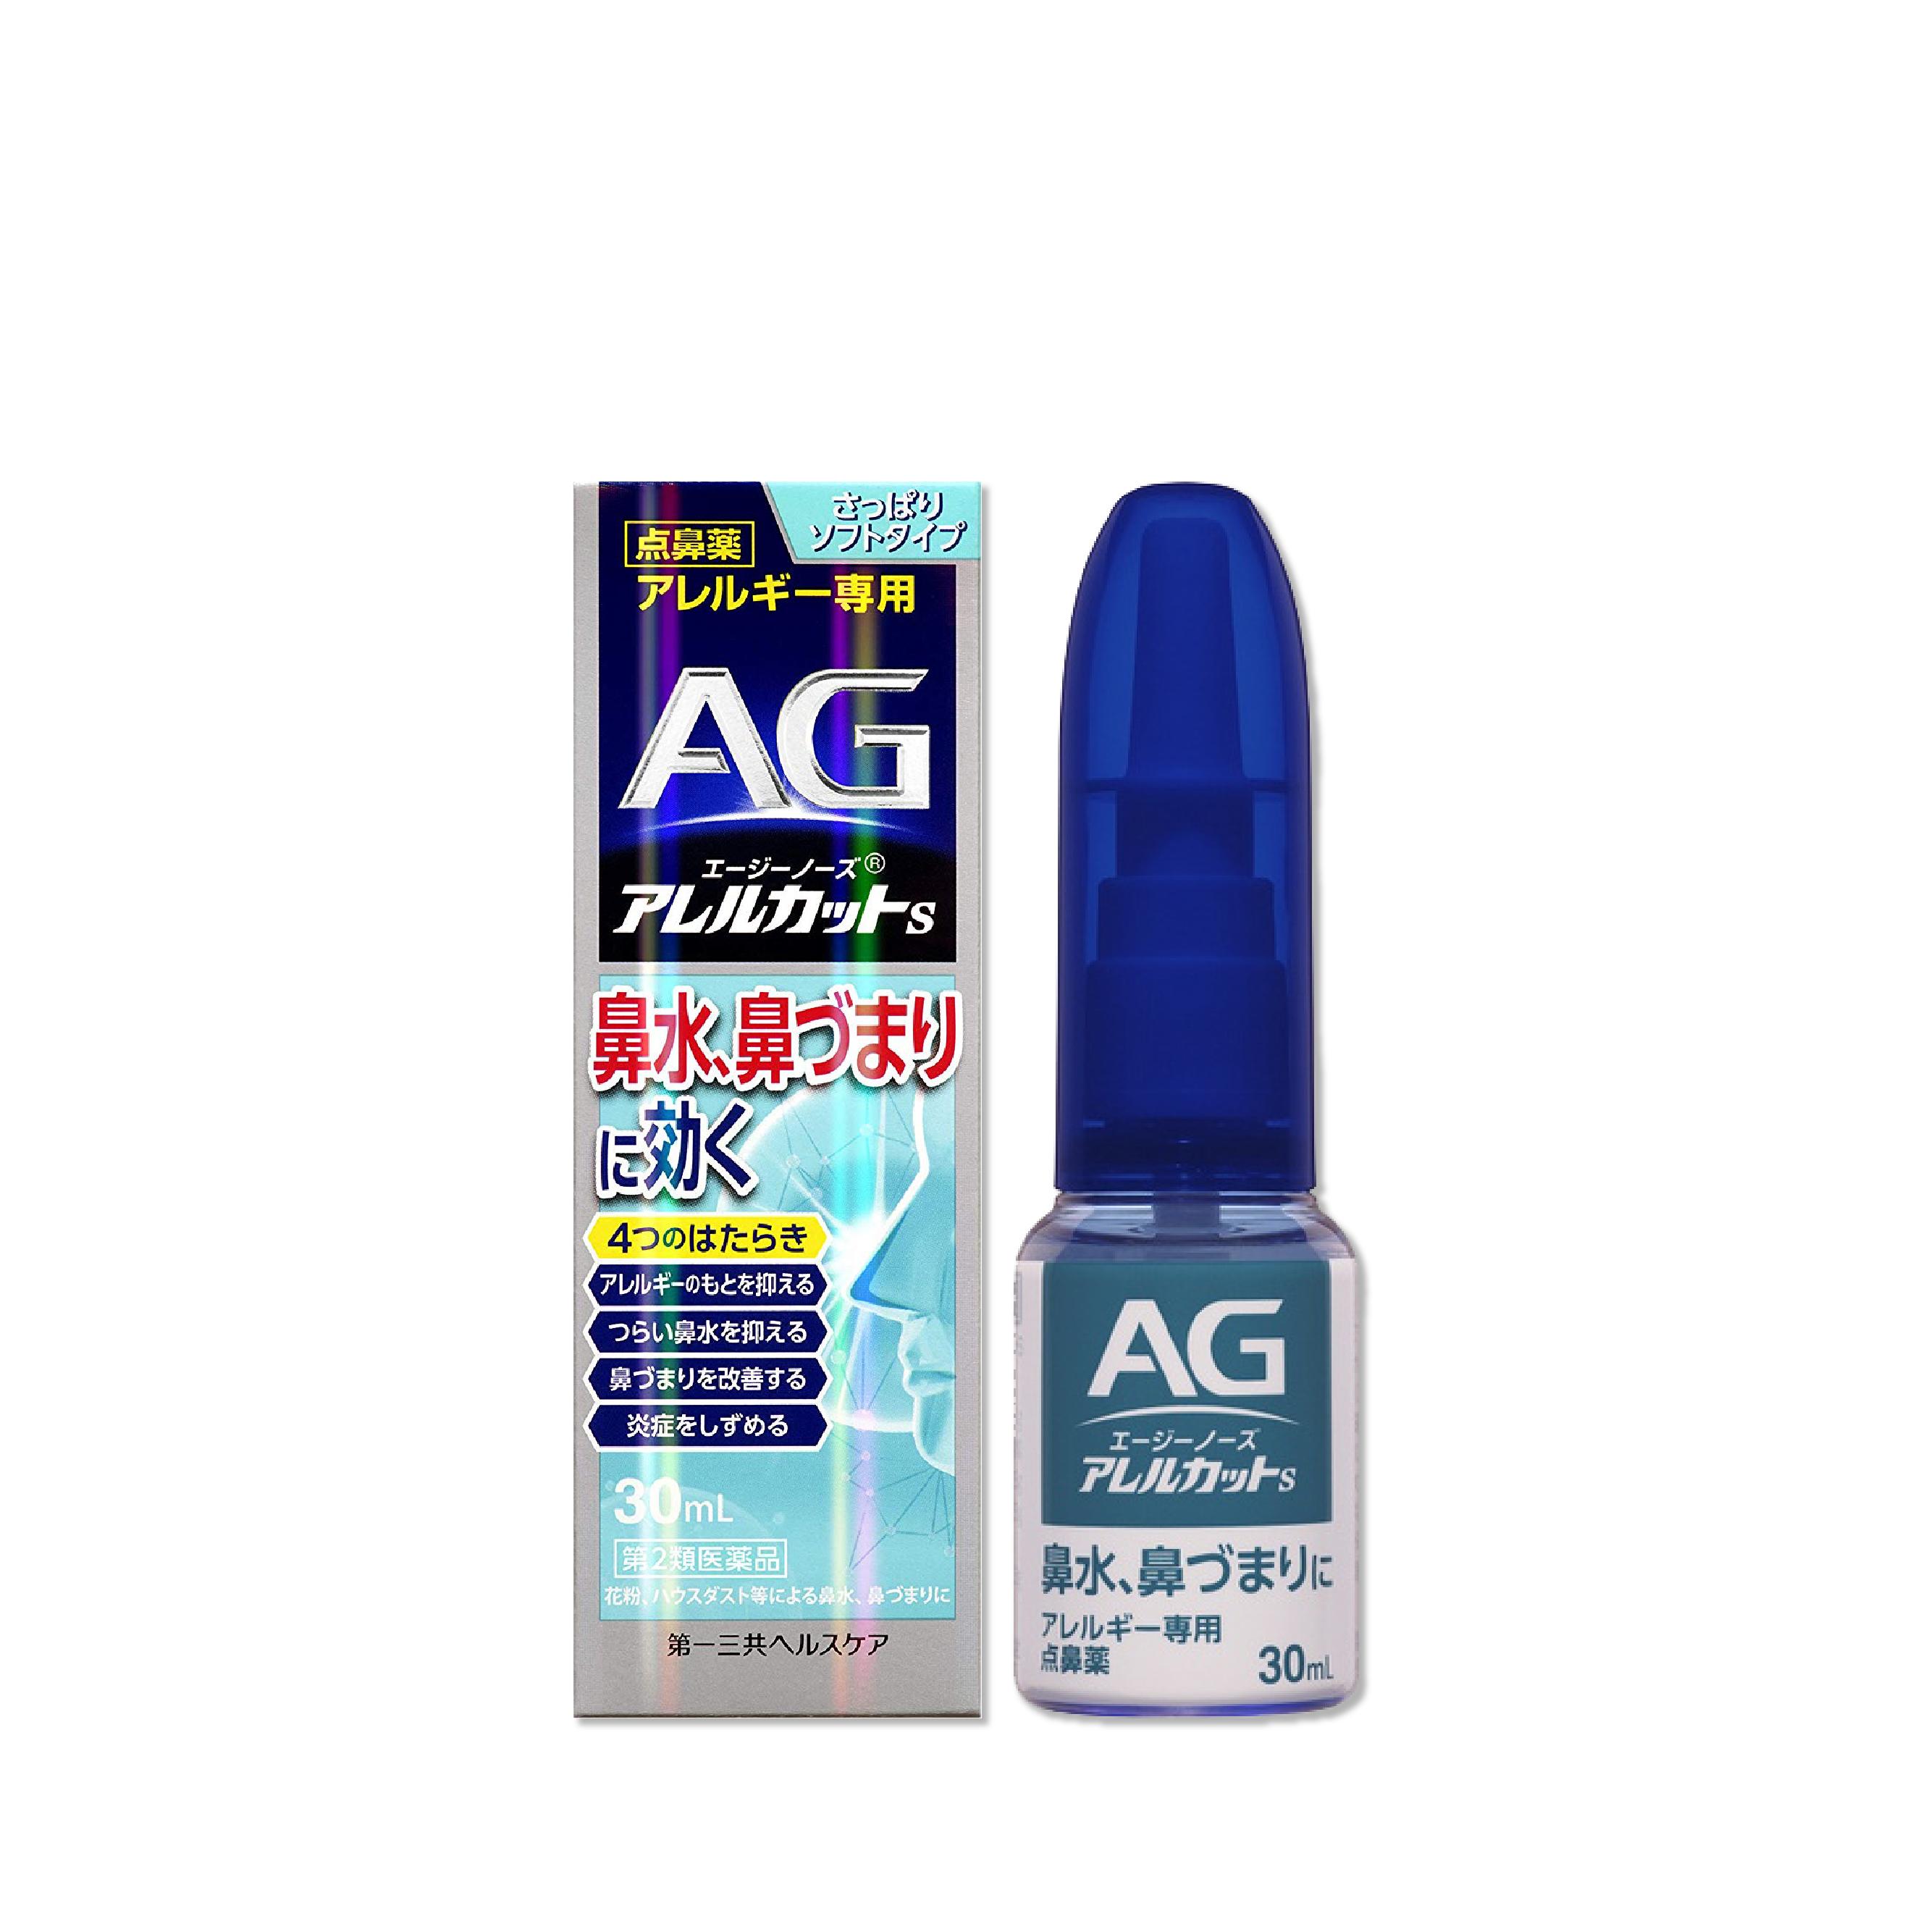 [다이이치신쿄] AG 노즈 알레르컷 소프트 30ml